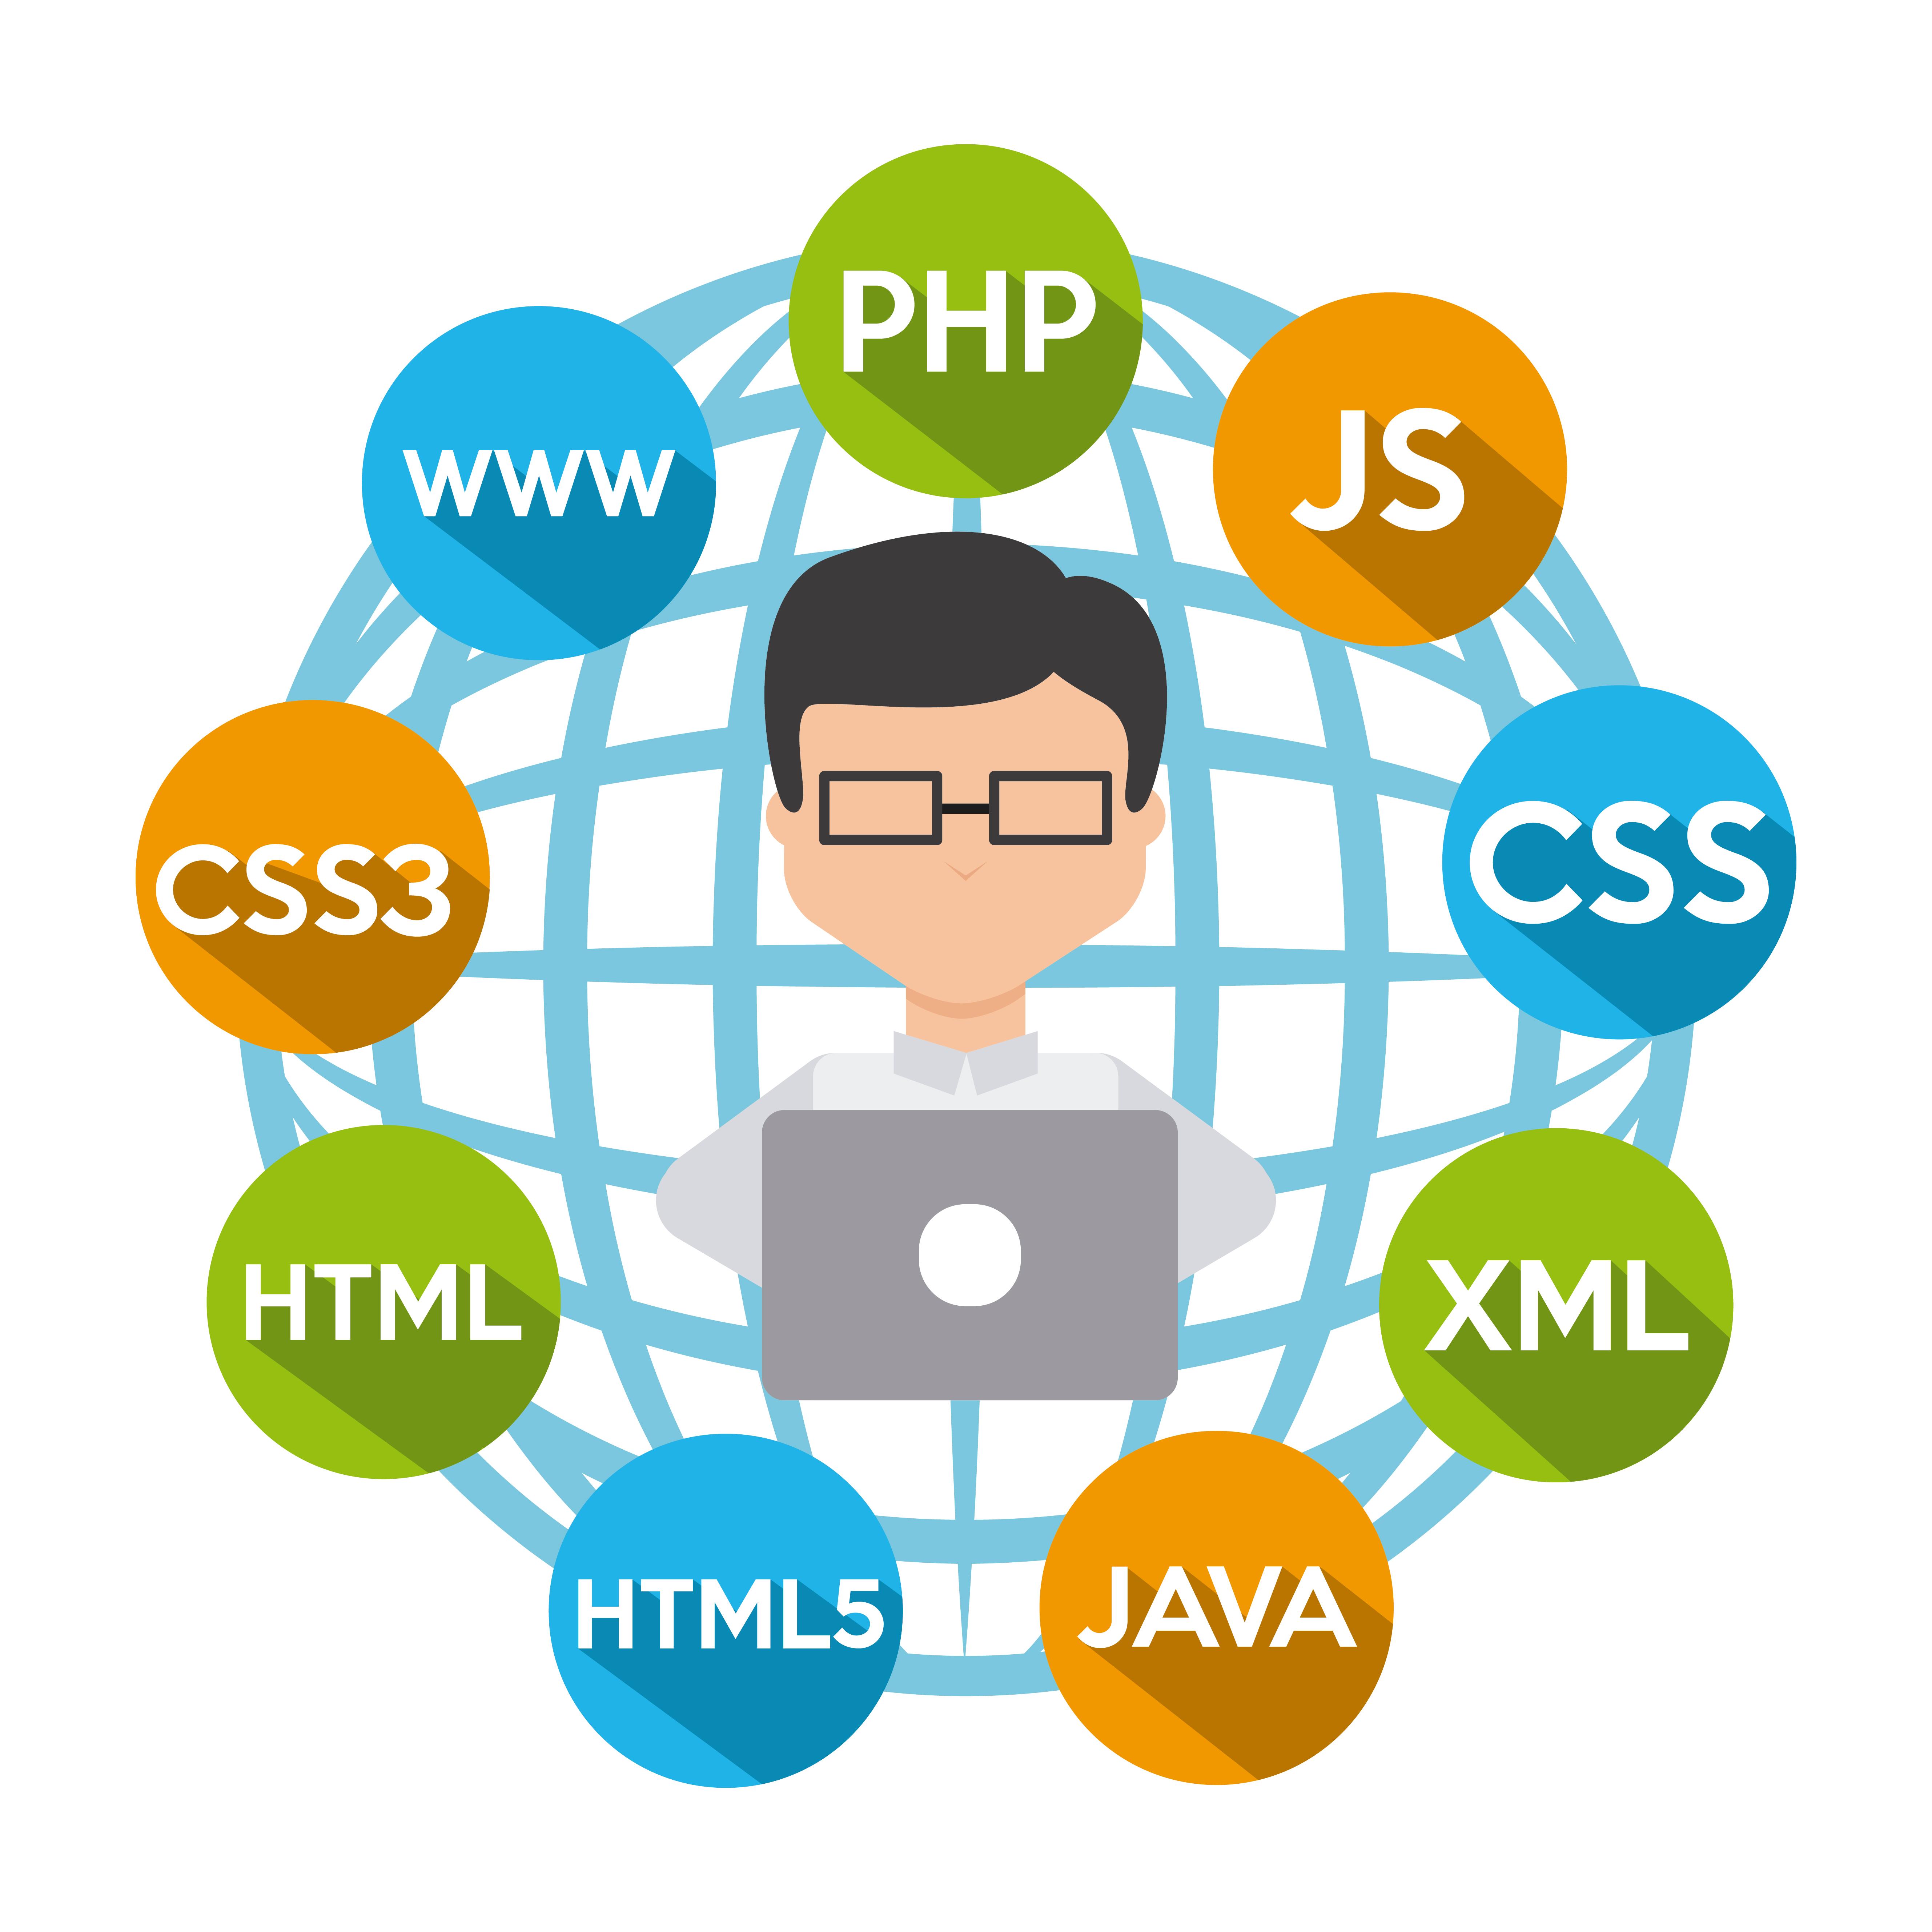 Web developer logo clipart jpg transparent stock 64+ Web Development Clipart | ClipartLook jpg transparent stock